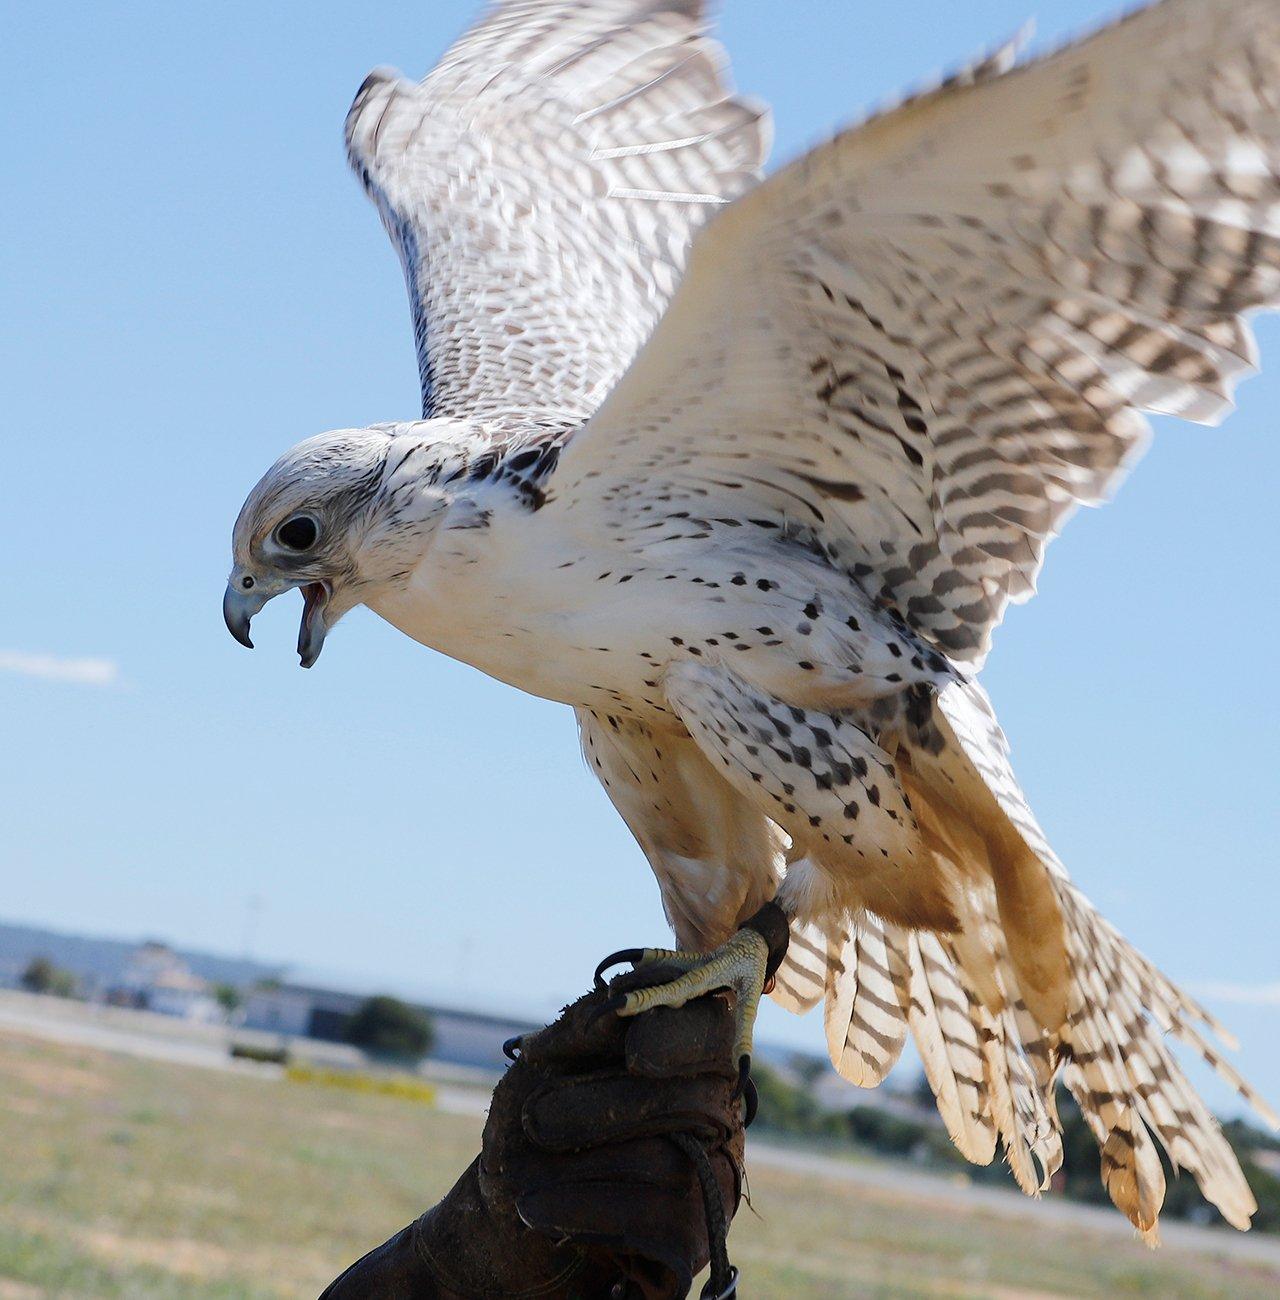 Издан полный определитель птиц Камчатки и Командорских островов: в справочник вошло более 300 видов